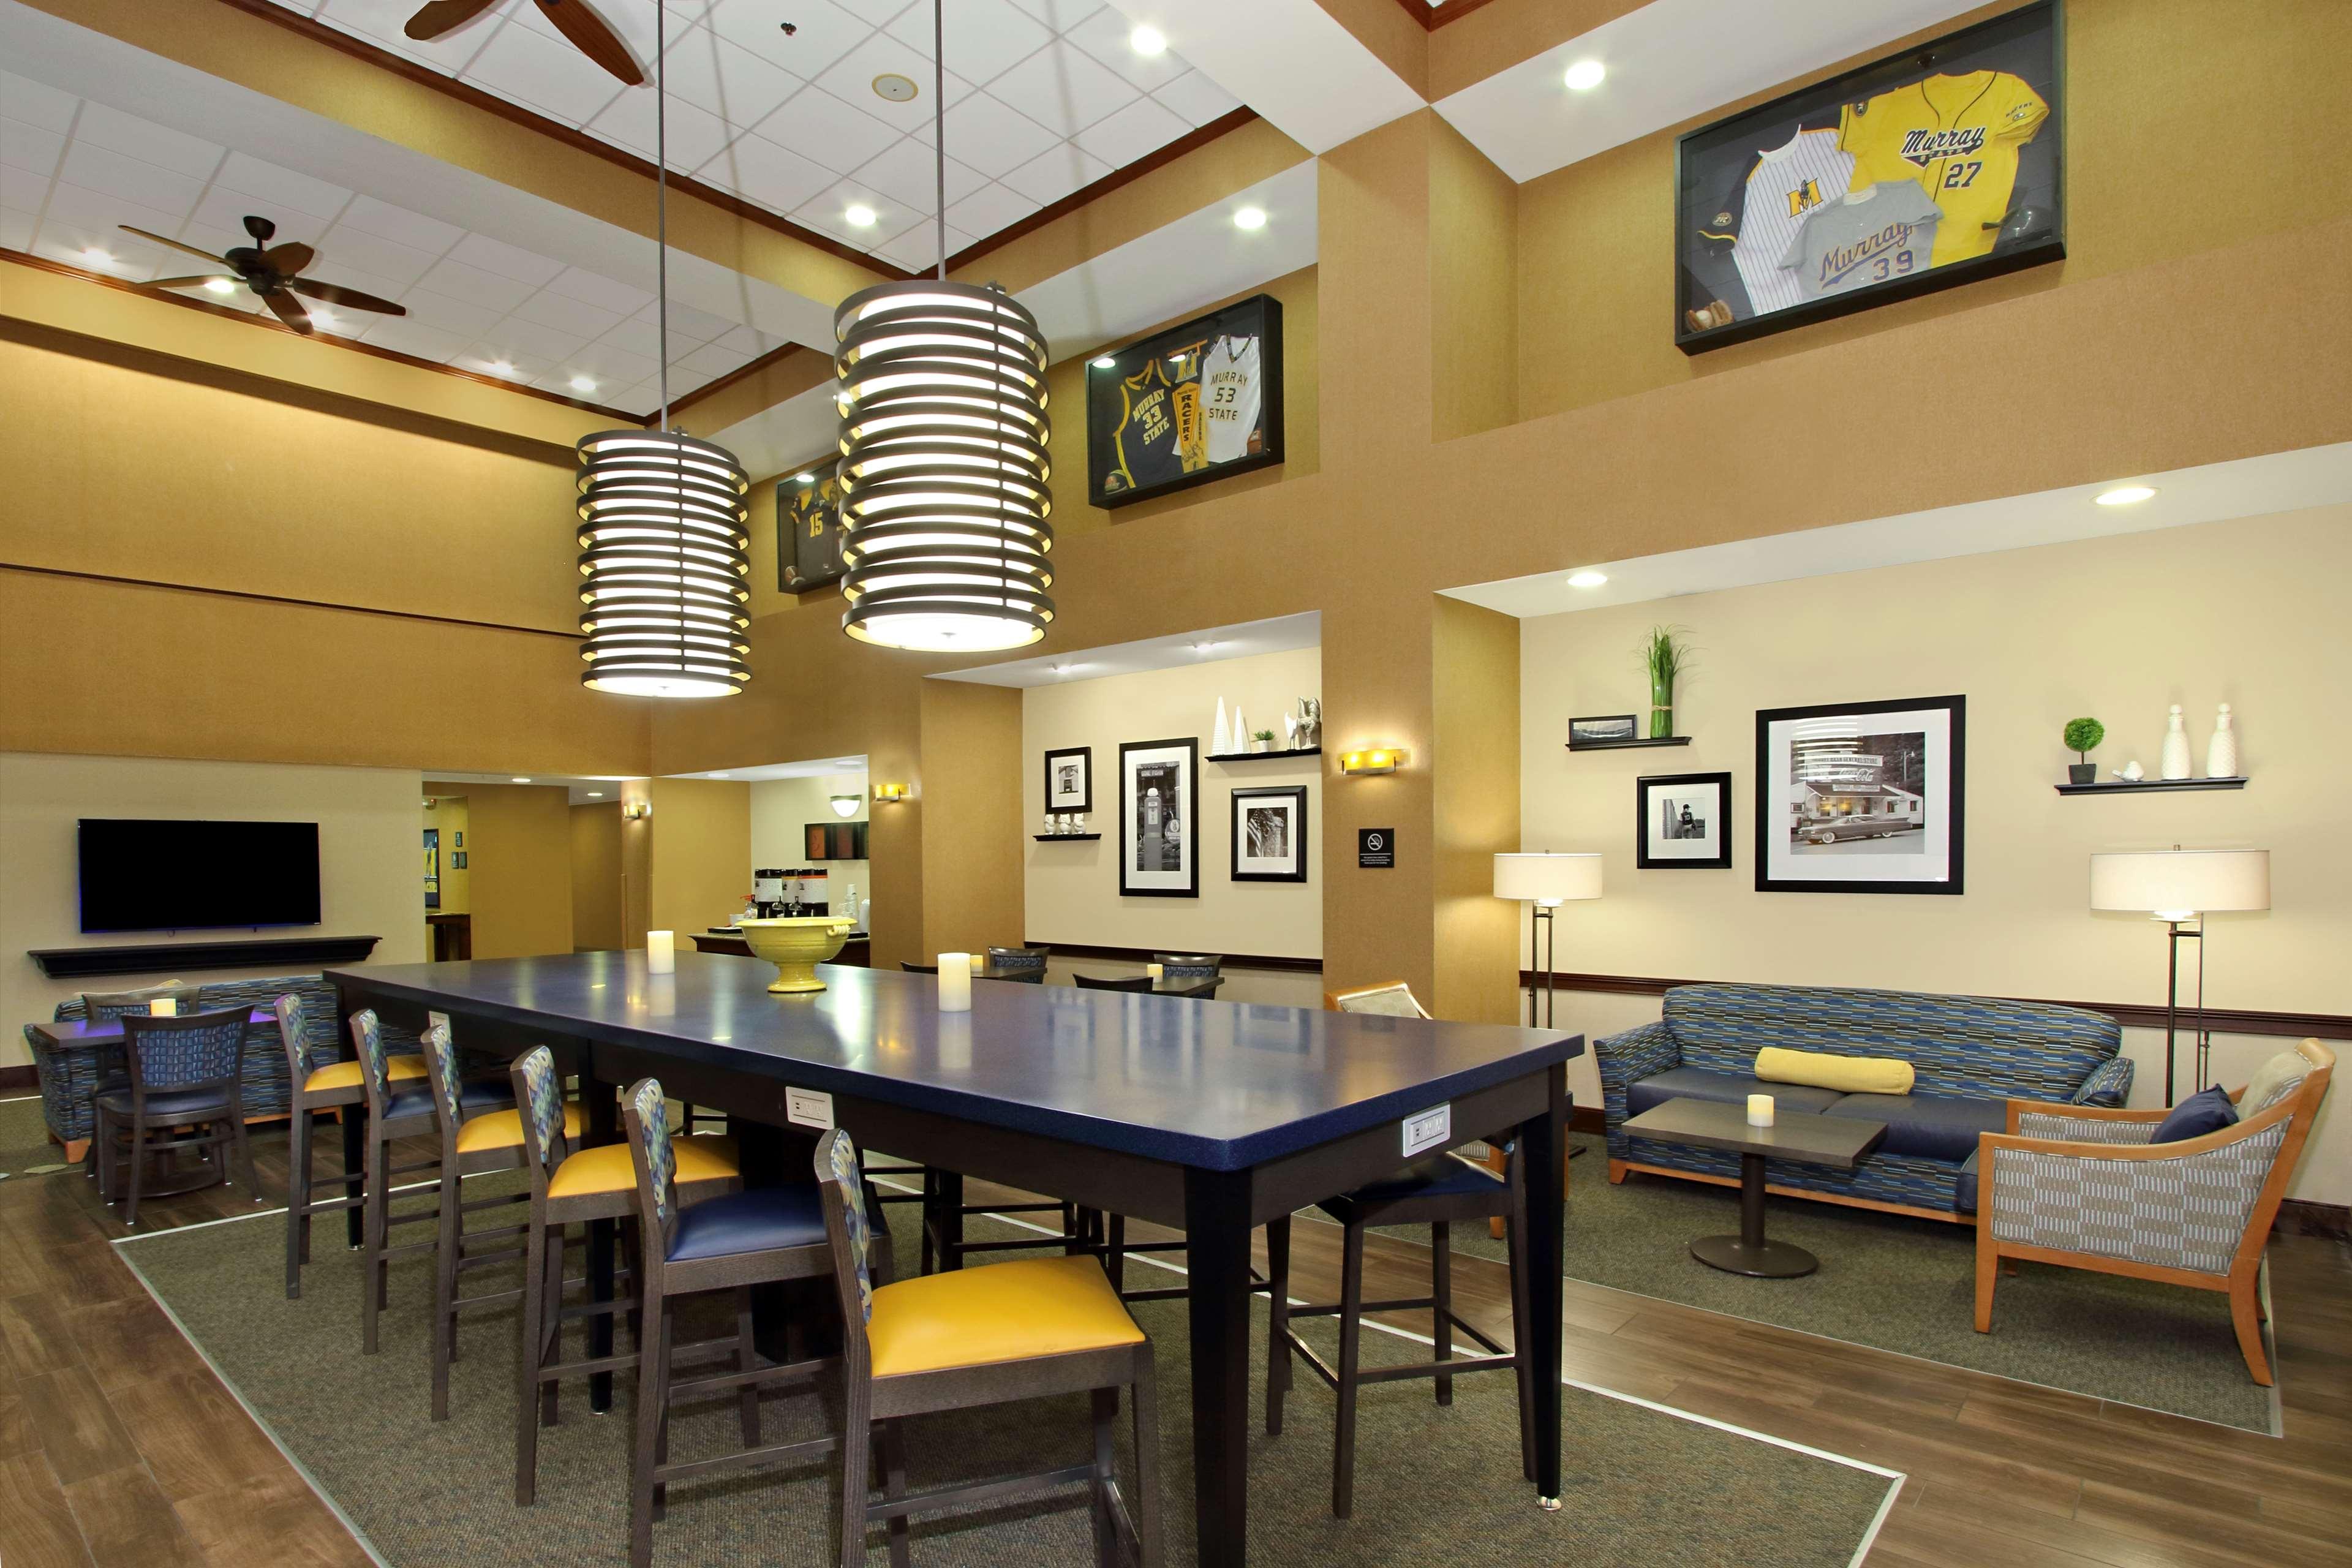 Hampton Inn & Suites Murray image 7